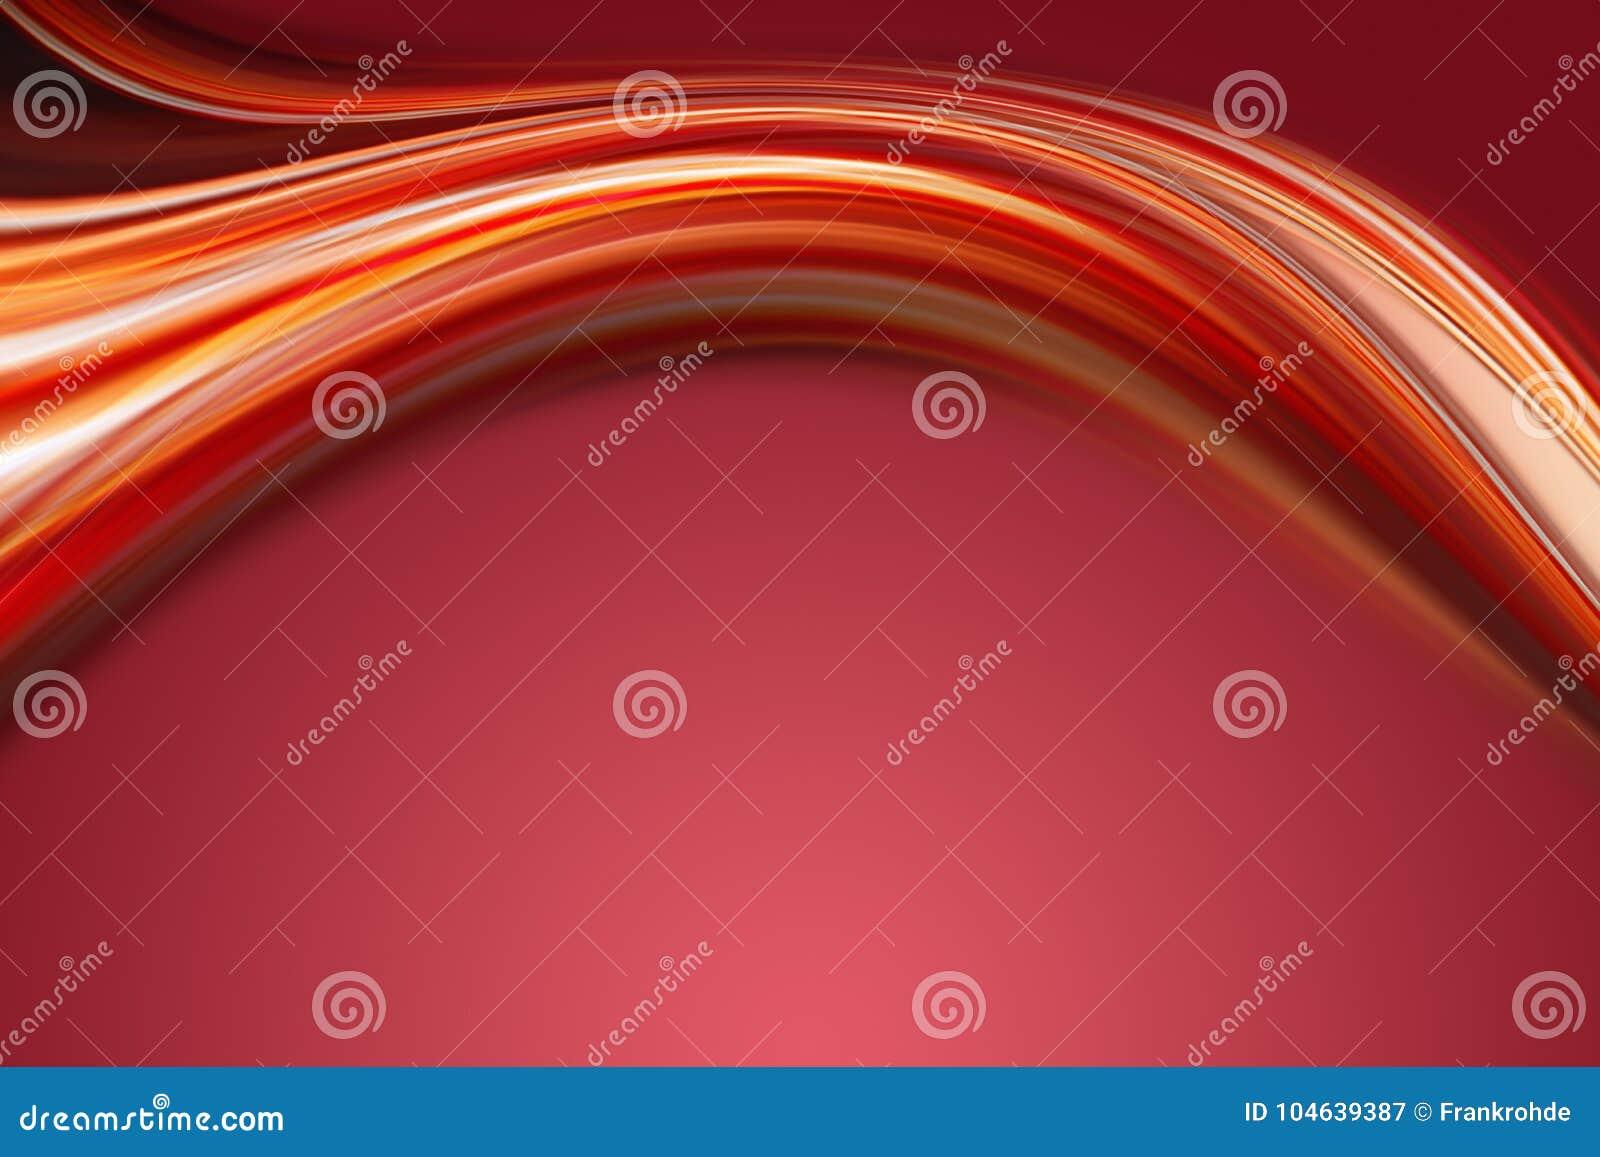 Download Krachtige Achtergrondontwerpillustratie Stock Illustratie - Illustratie bestaande uit daling, esthetica: 104639387